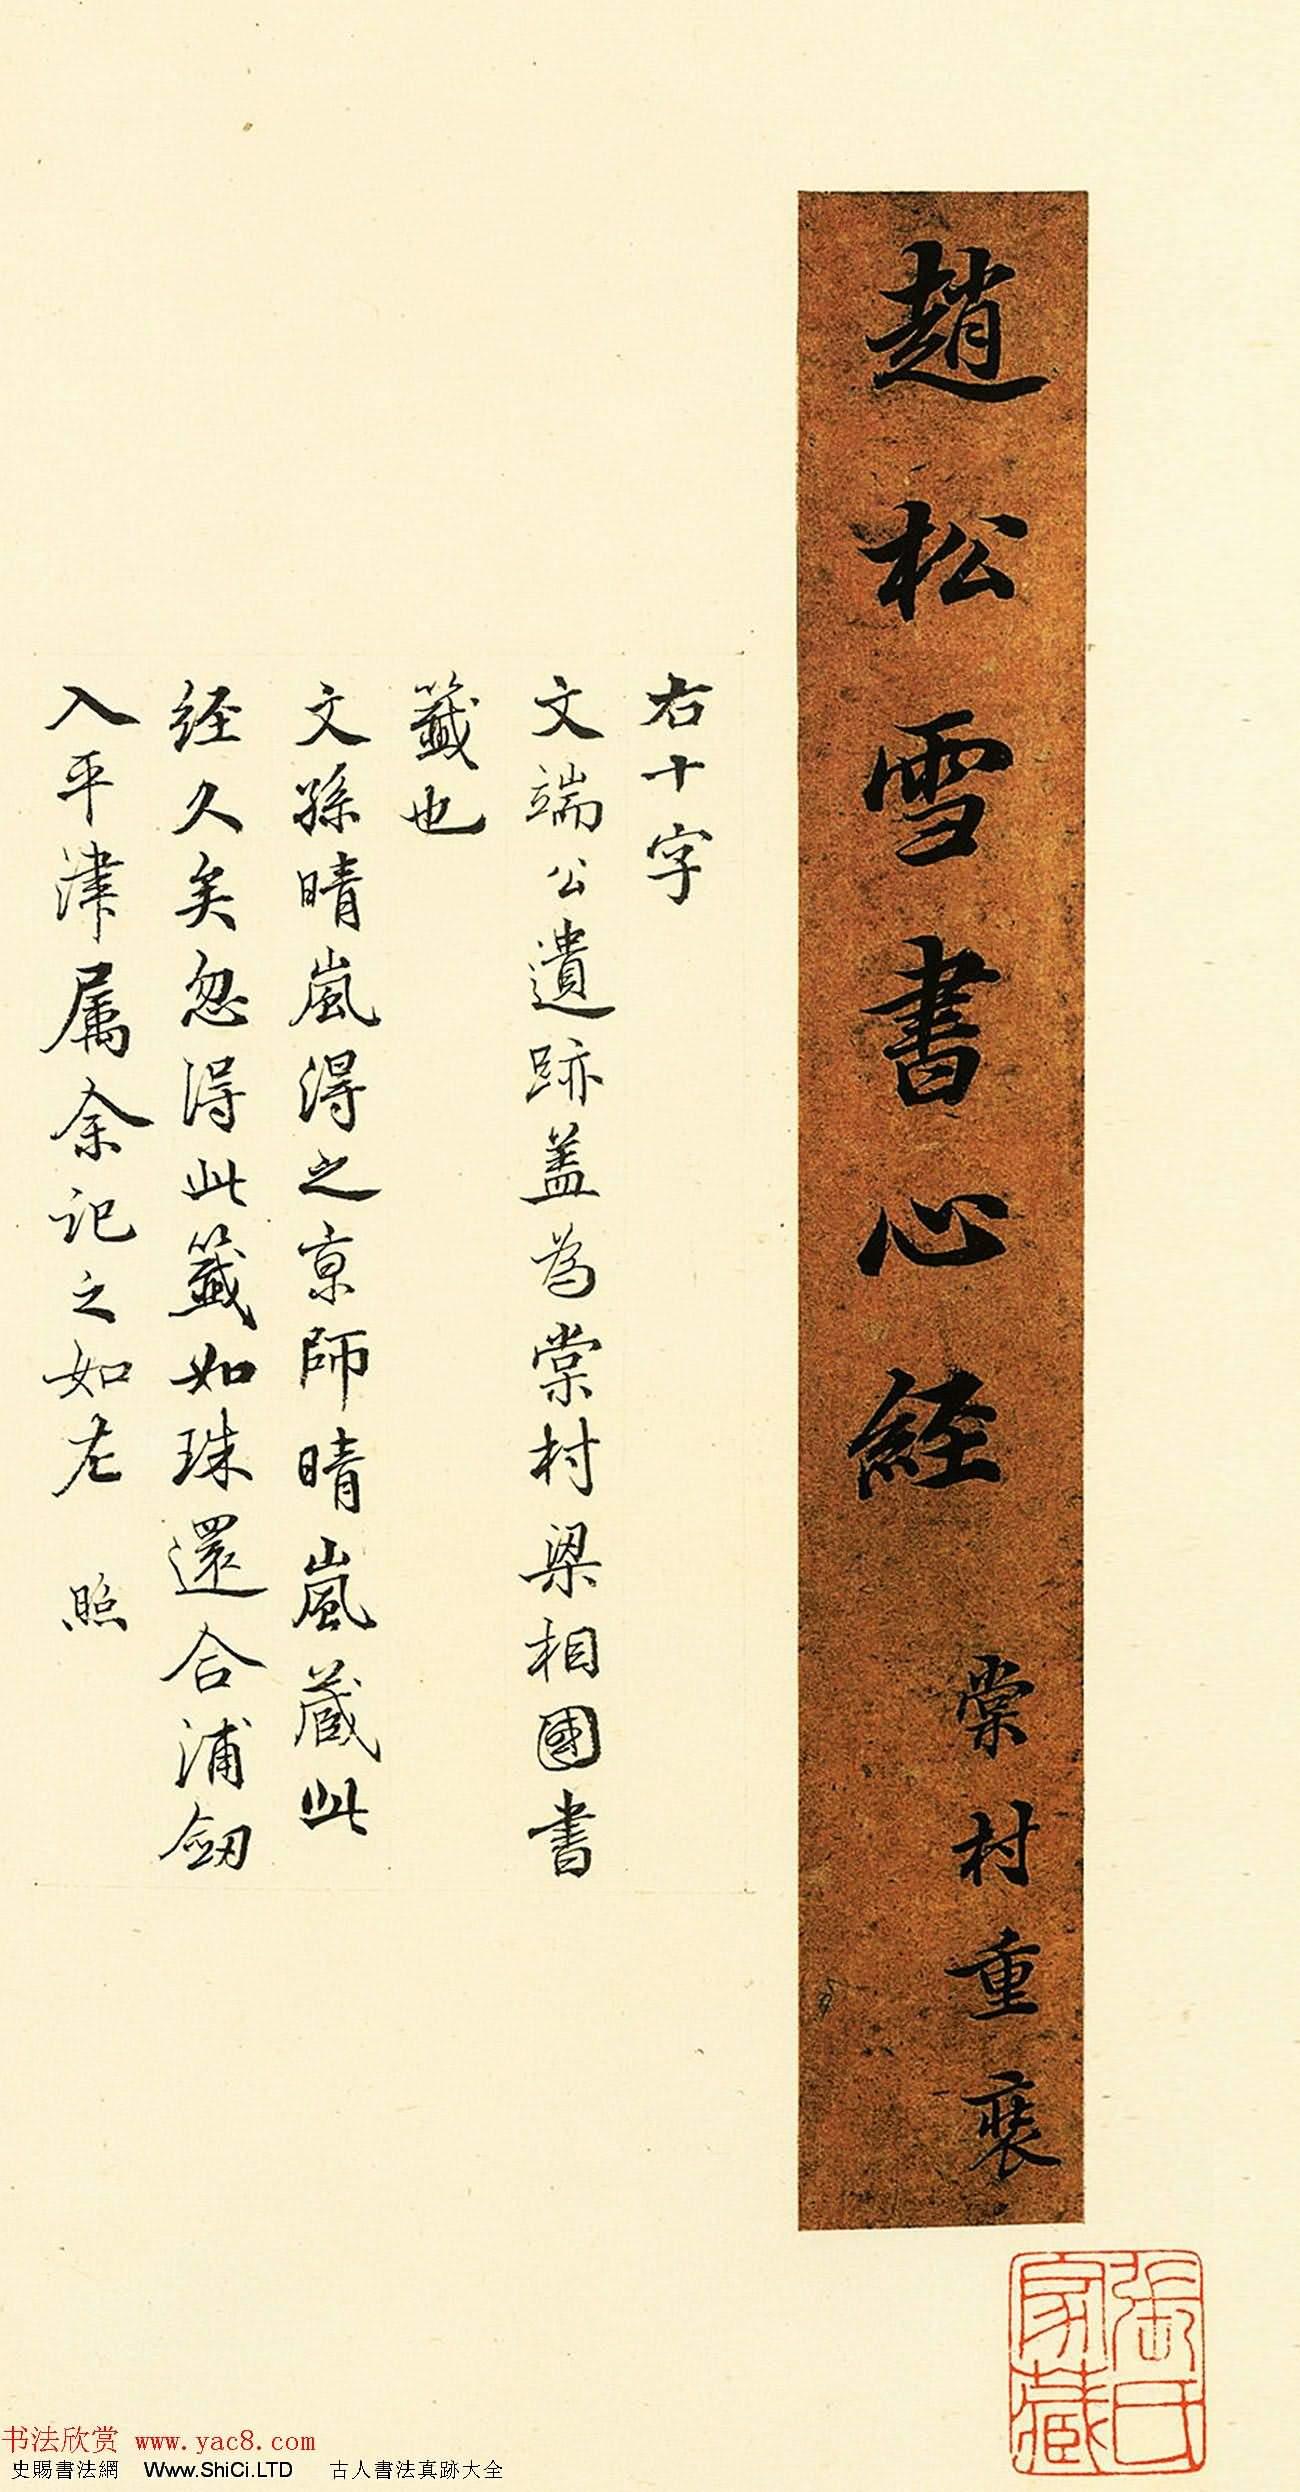 趙孟頫代表作品真跡《趙松雪書心經》(共9張圖片)